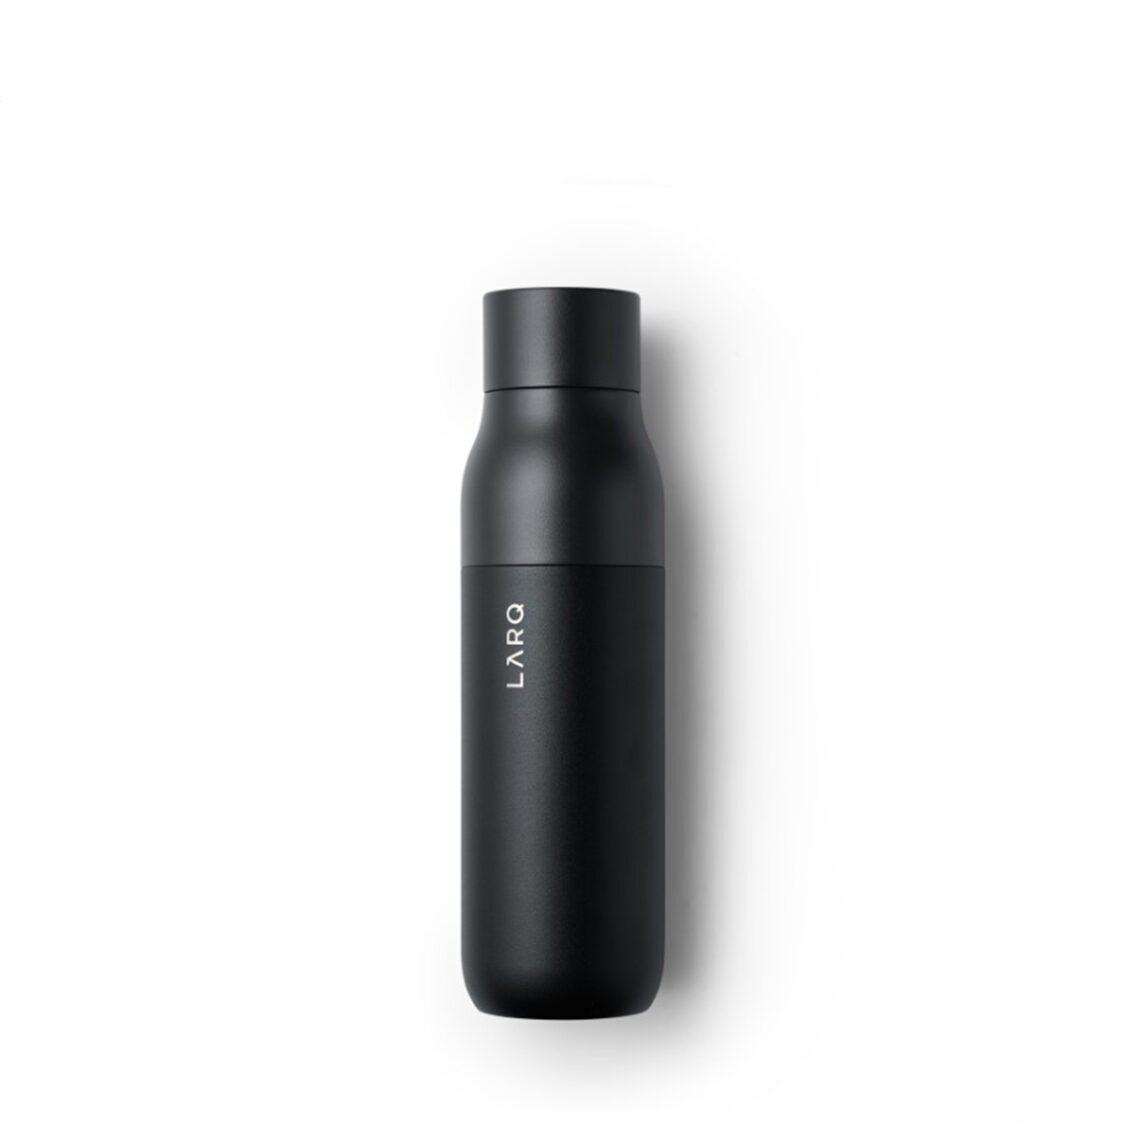 Larq Self - Cleaning Bottle 500ml Obsidian Black